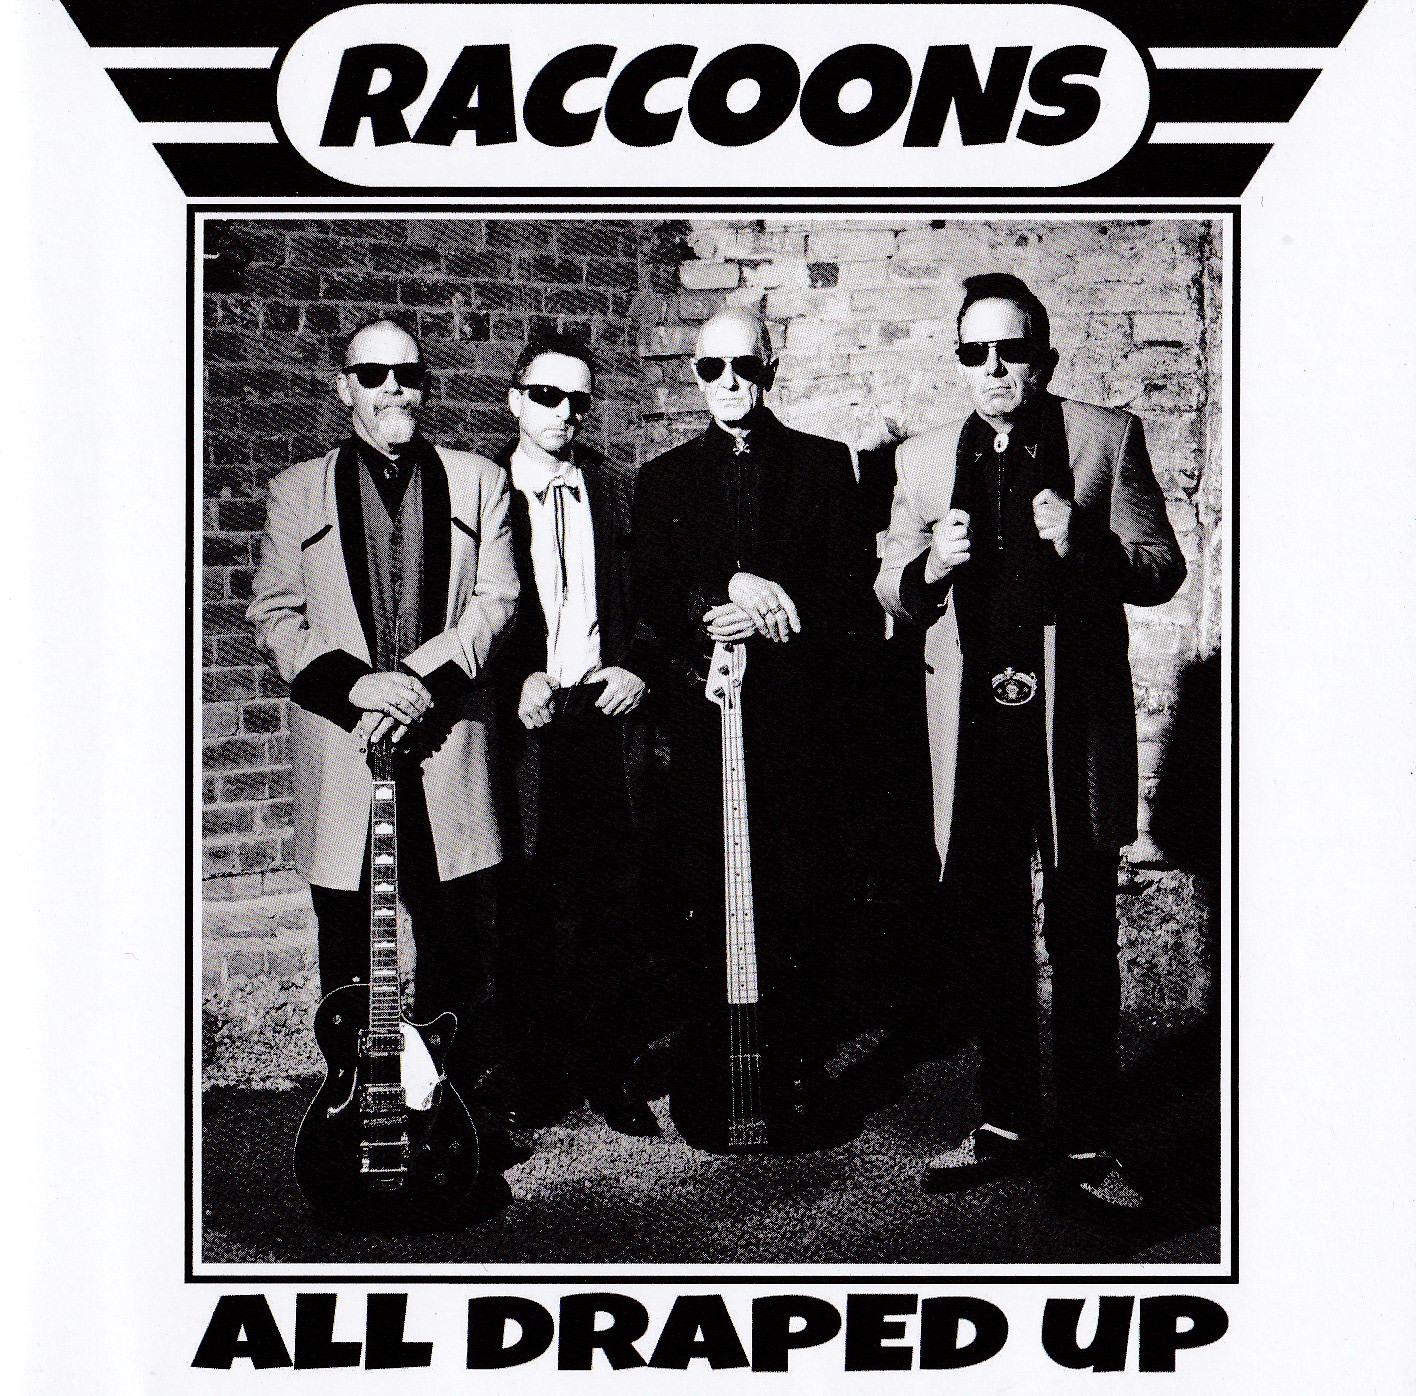 'All Draped Up' Album Cover